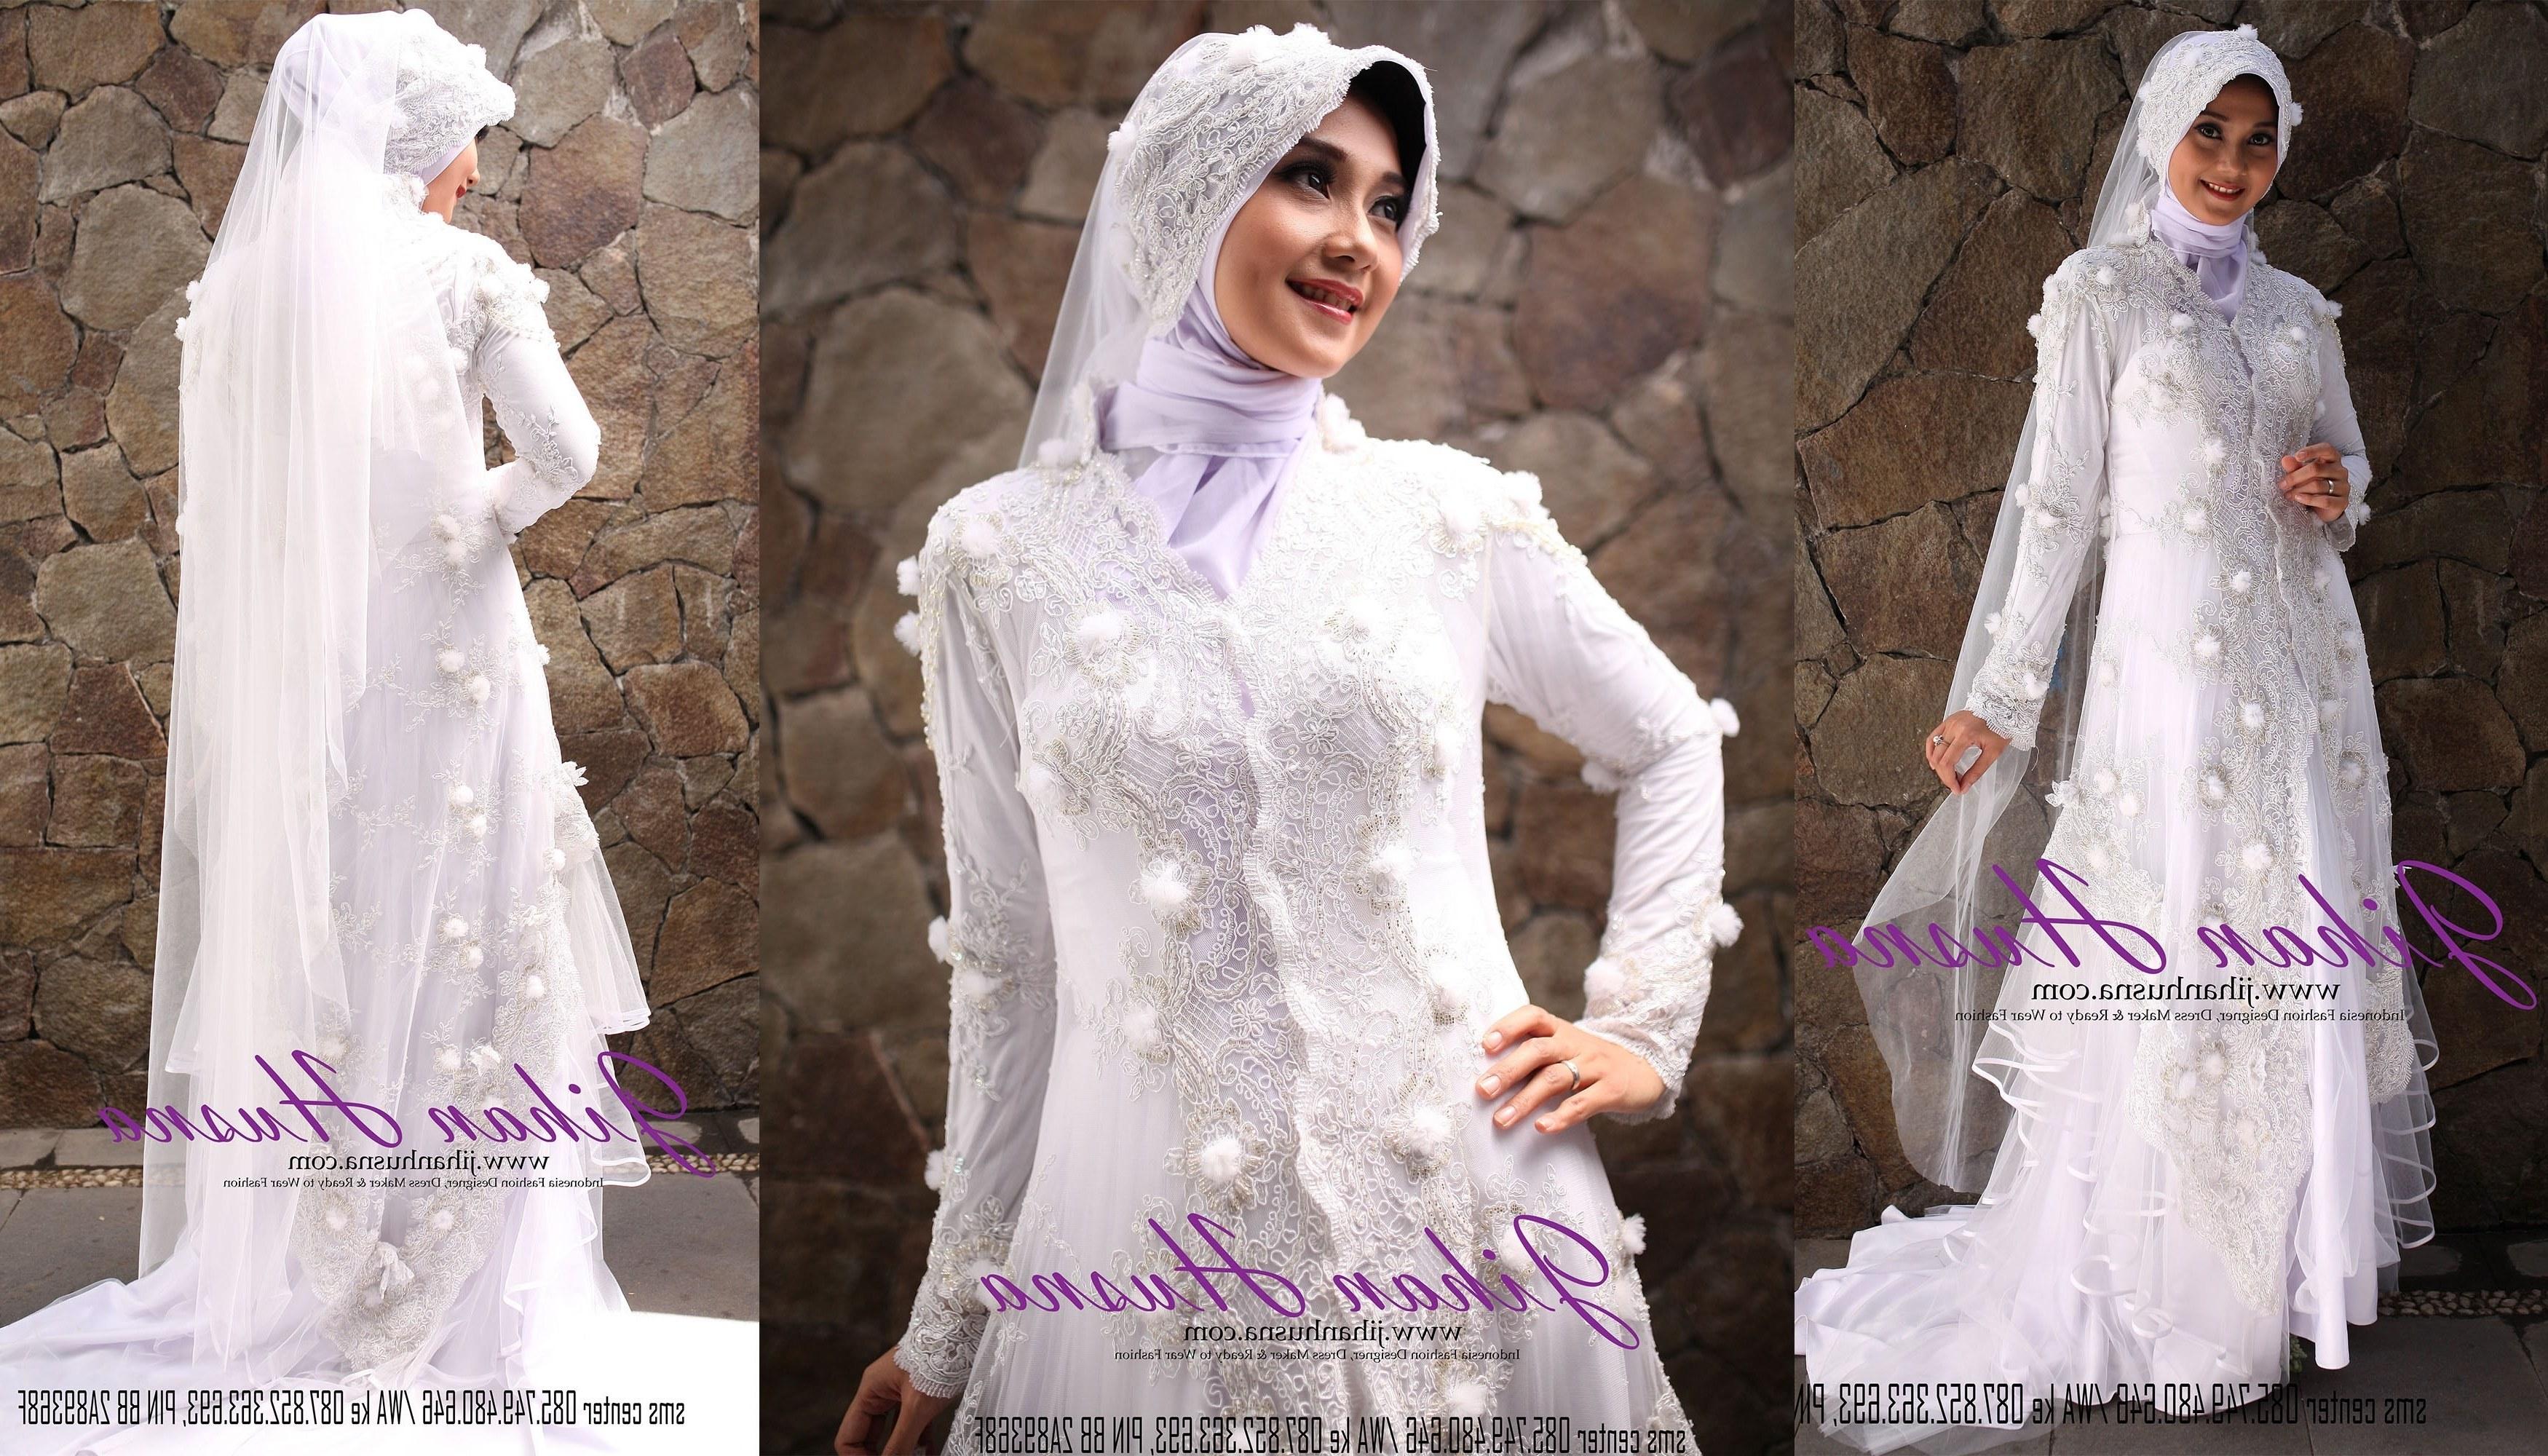 Bentuk Gamis Pernikahan Muslimah Tldn Gamis Pernikahan Cantik Jual Mainboard W210cumb 0d Bekas Mb